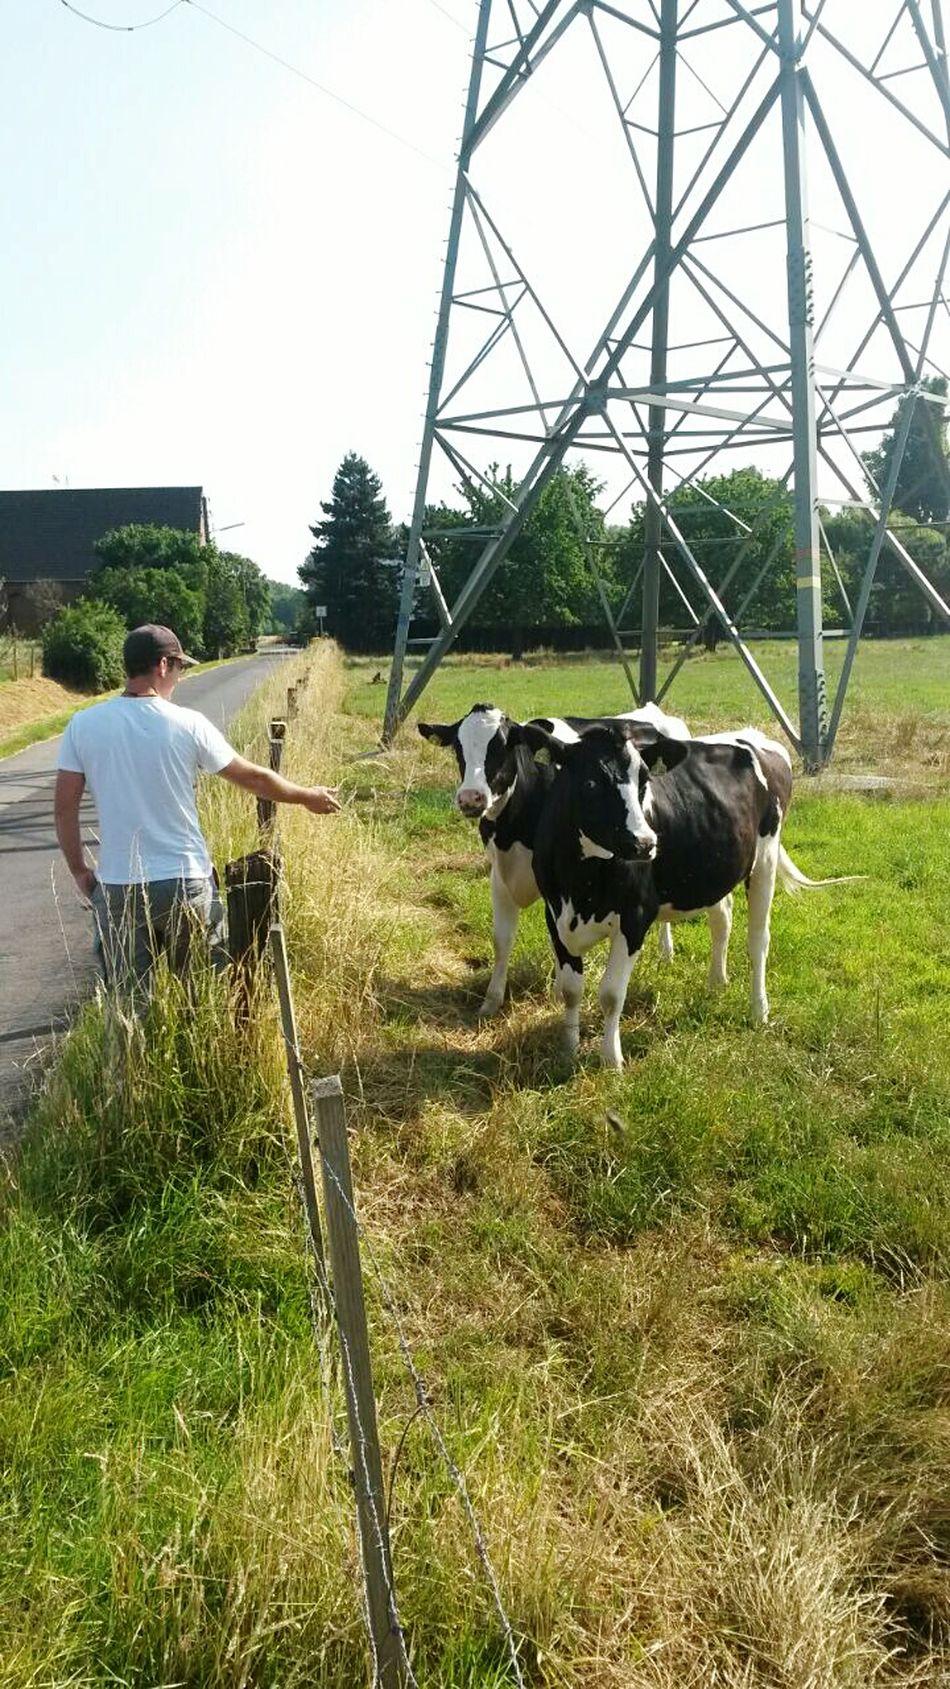 Neue freundliche Kühe kennengelernt. .. der Kuh- flüsterer ;-) in NRW, Germany EyeEm Animal Lover EyeEm Nature Lover Kurzepausedanngehtsweiter Kuhweide From My Point Of View Cows